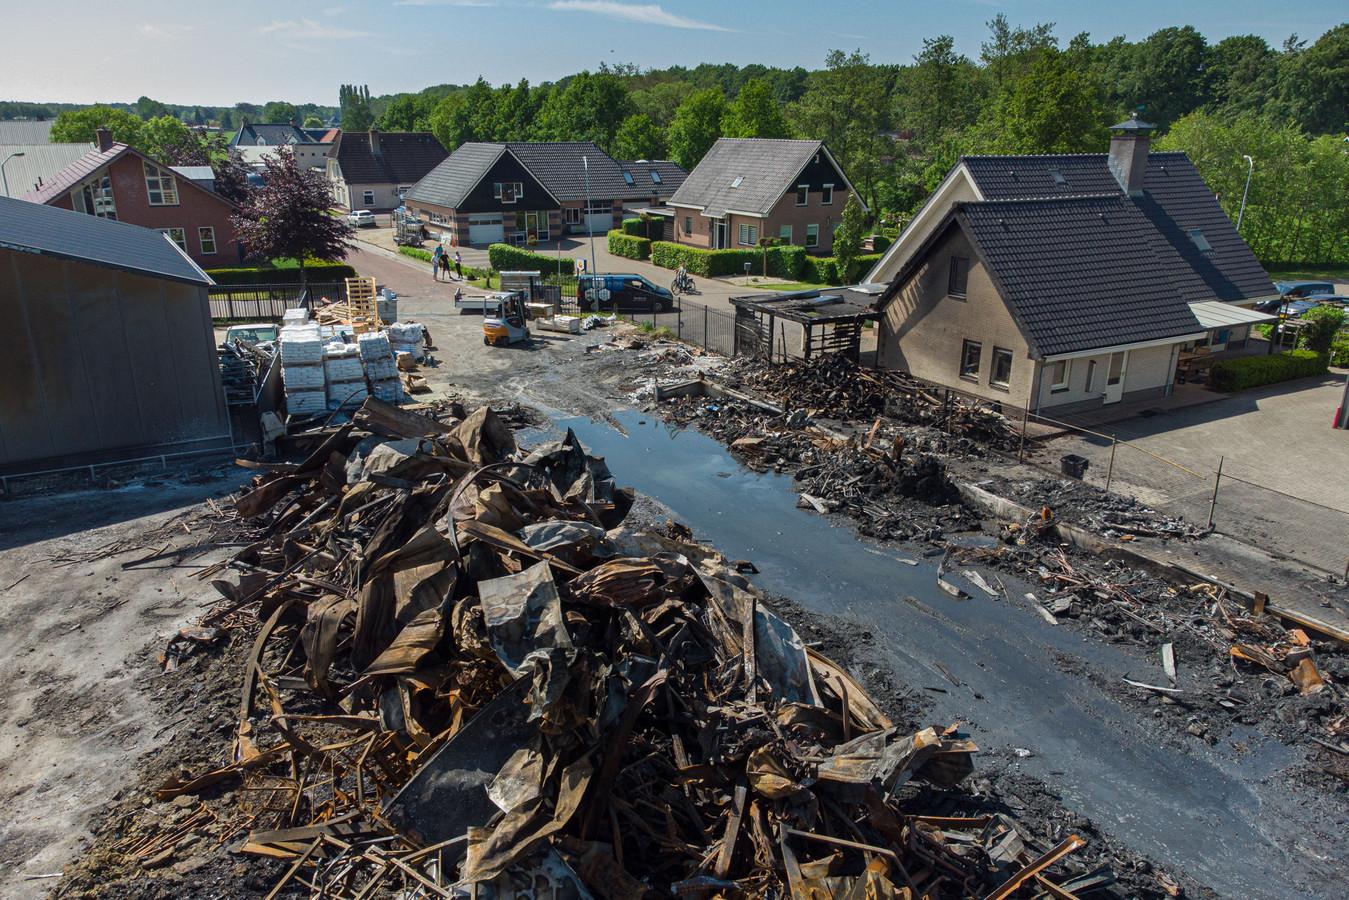 De dag na de grote brand bij Rhodos Wellness aan de Zuiderzeestraatweg in Oldebroek. Het bedrijf is totaal verwoest.